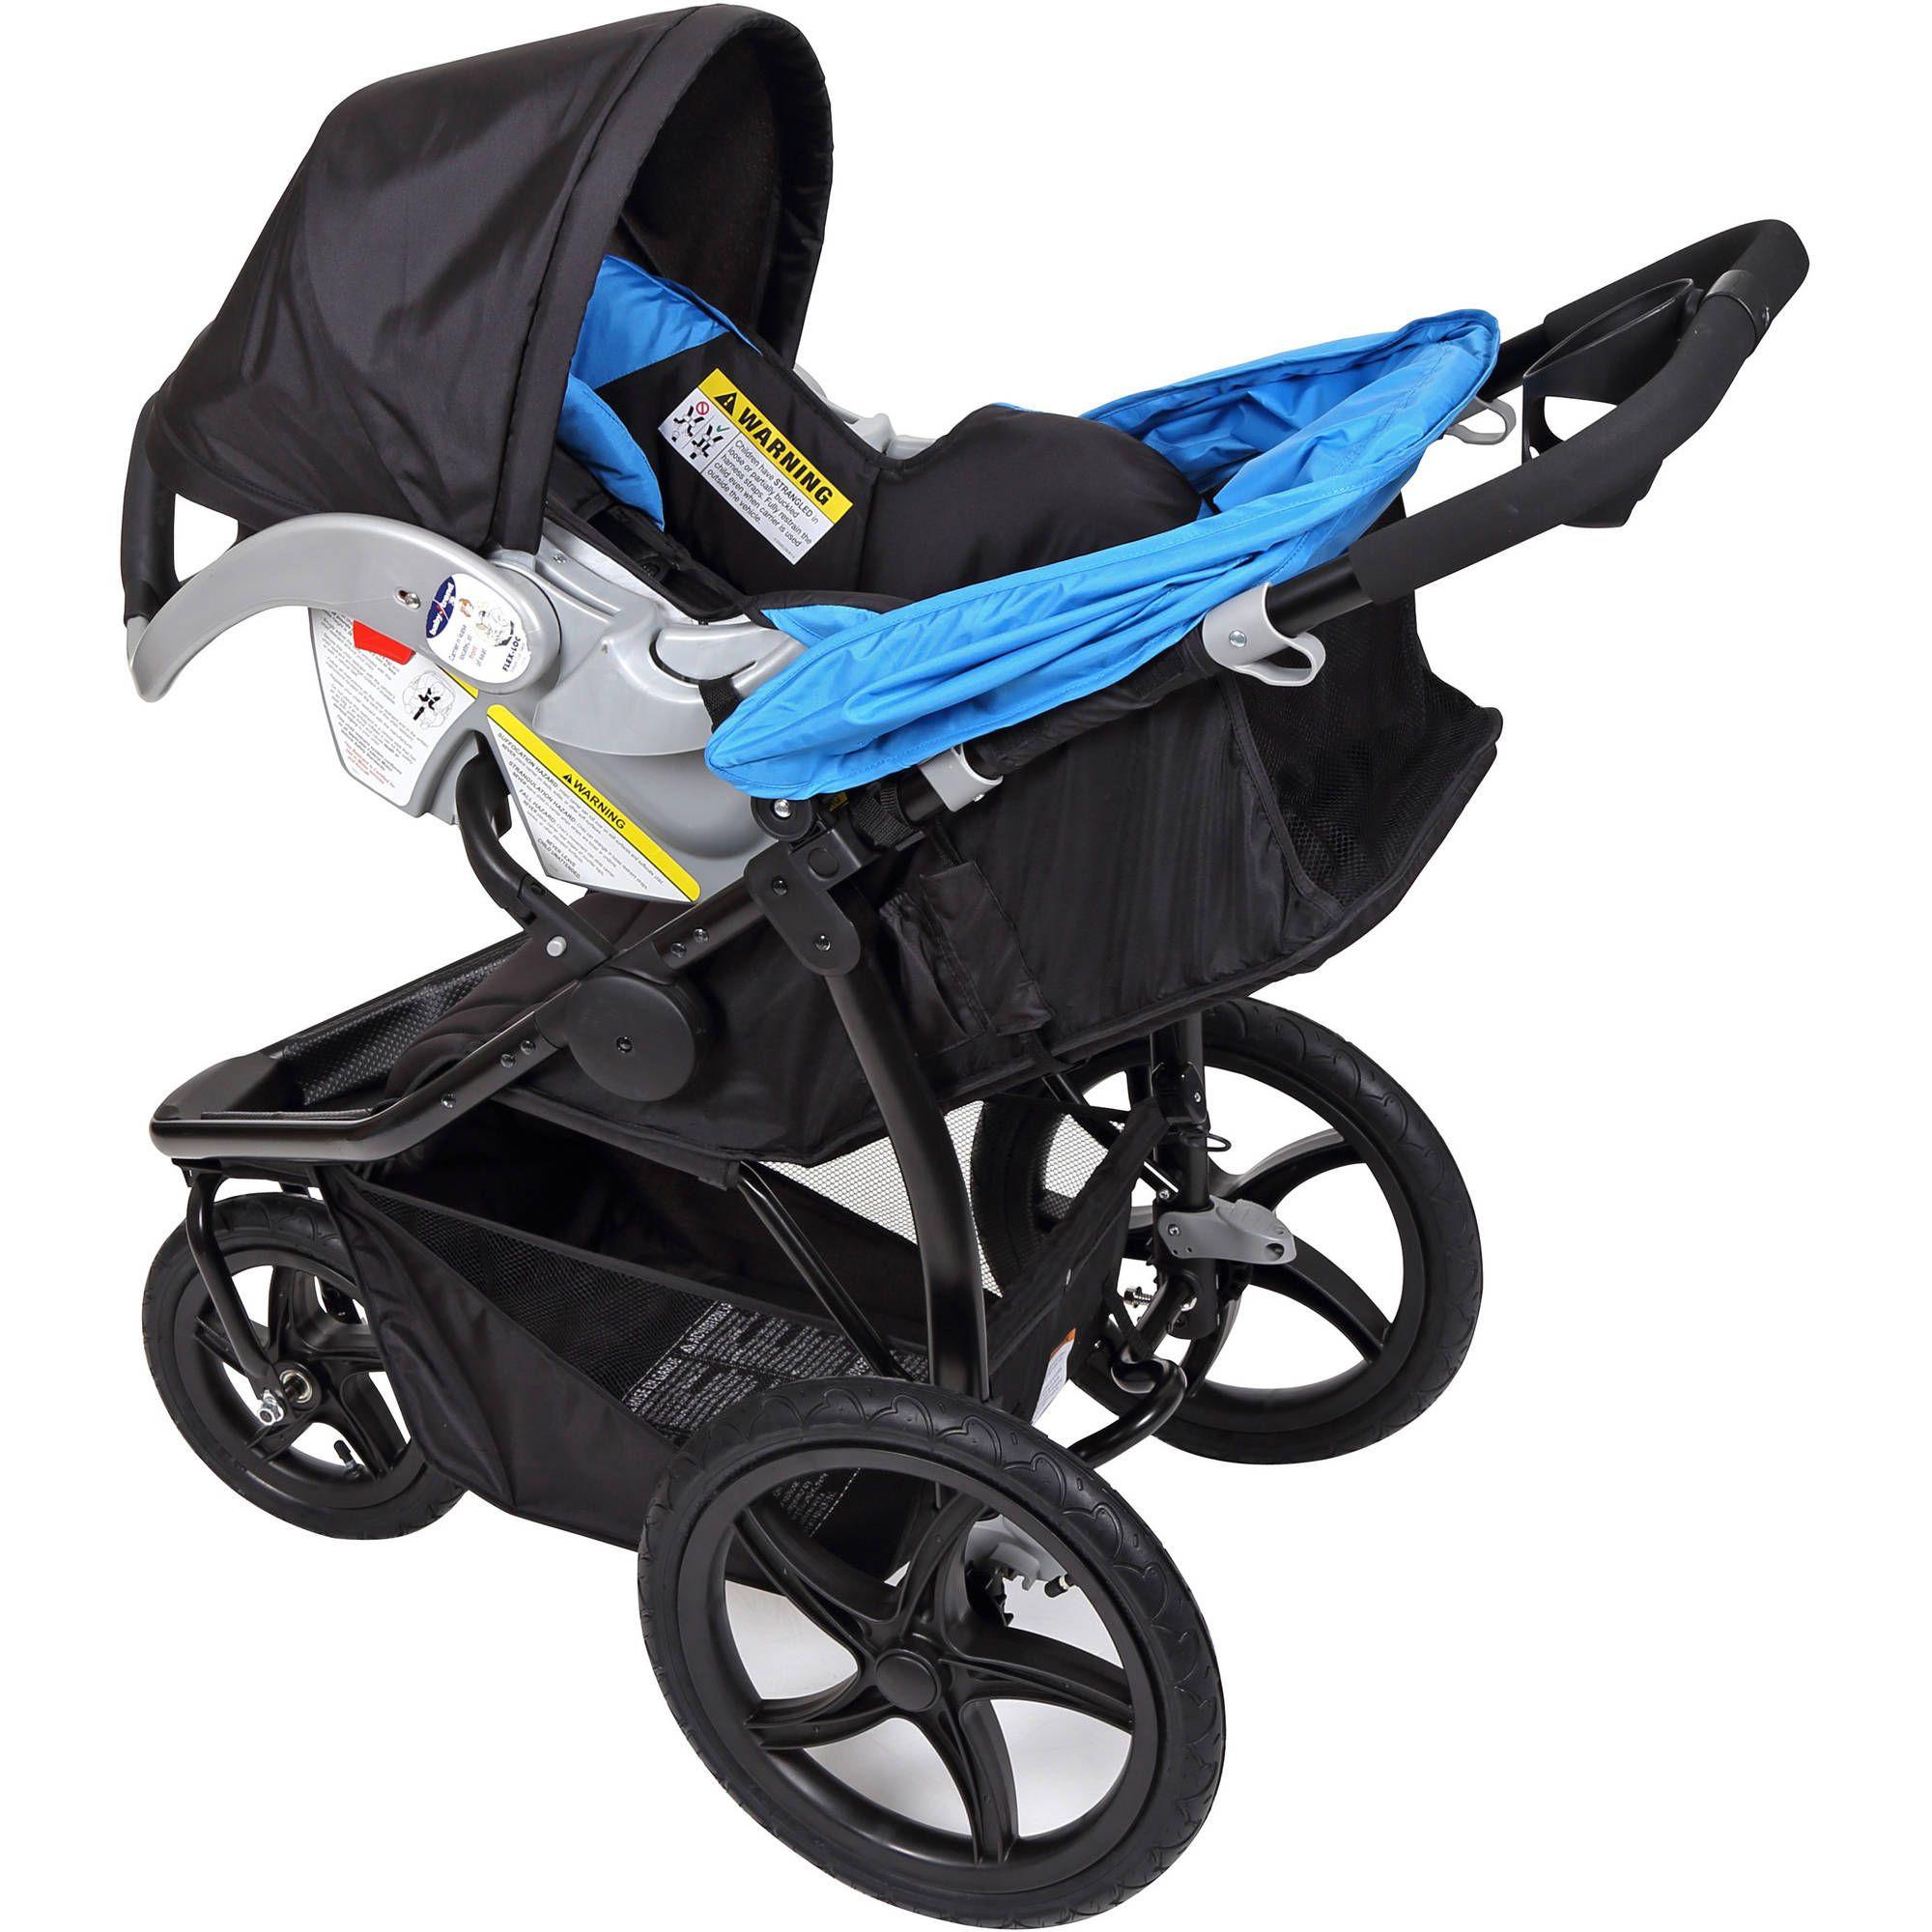 Baby Trends Expedition Stroller Kinderwagen